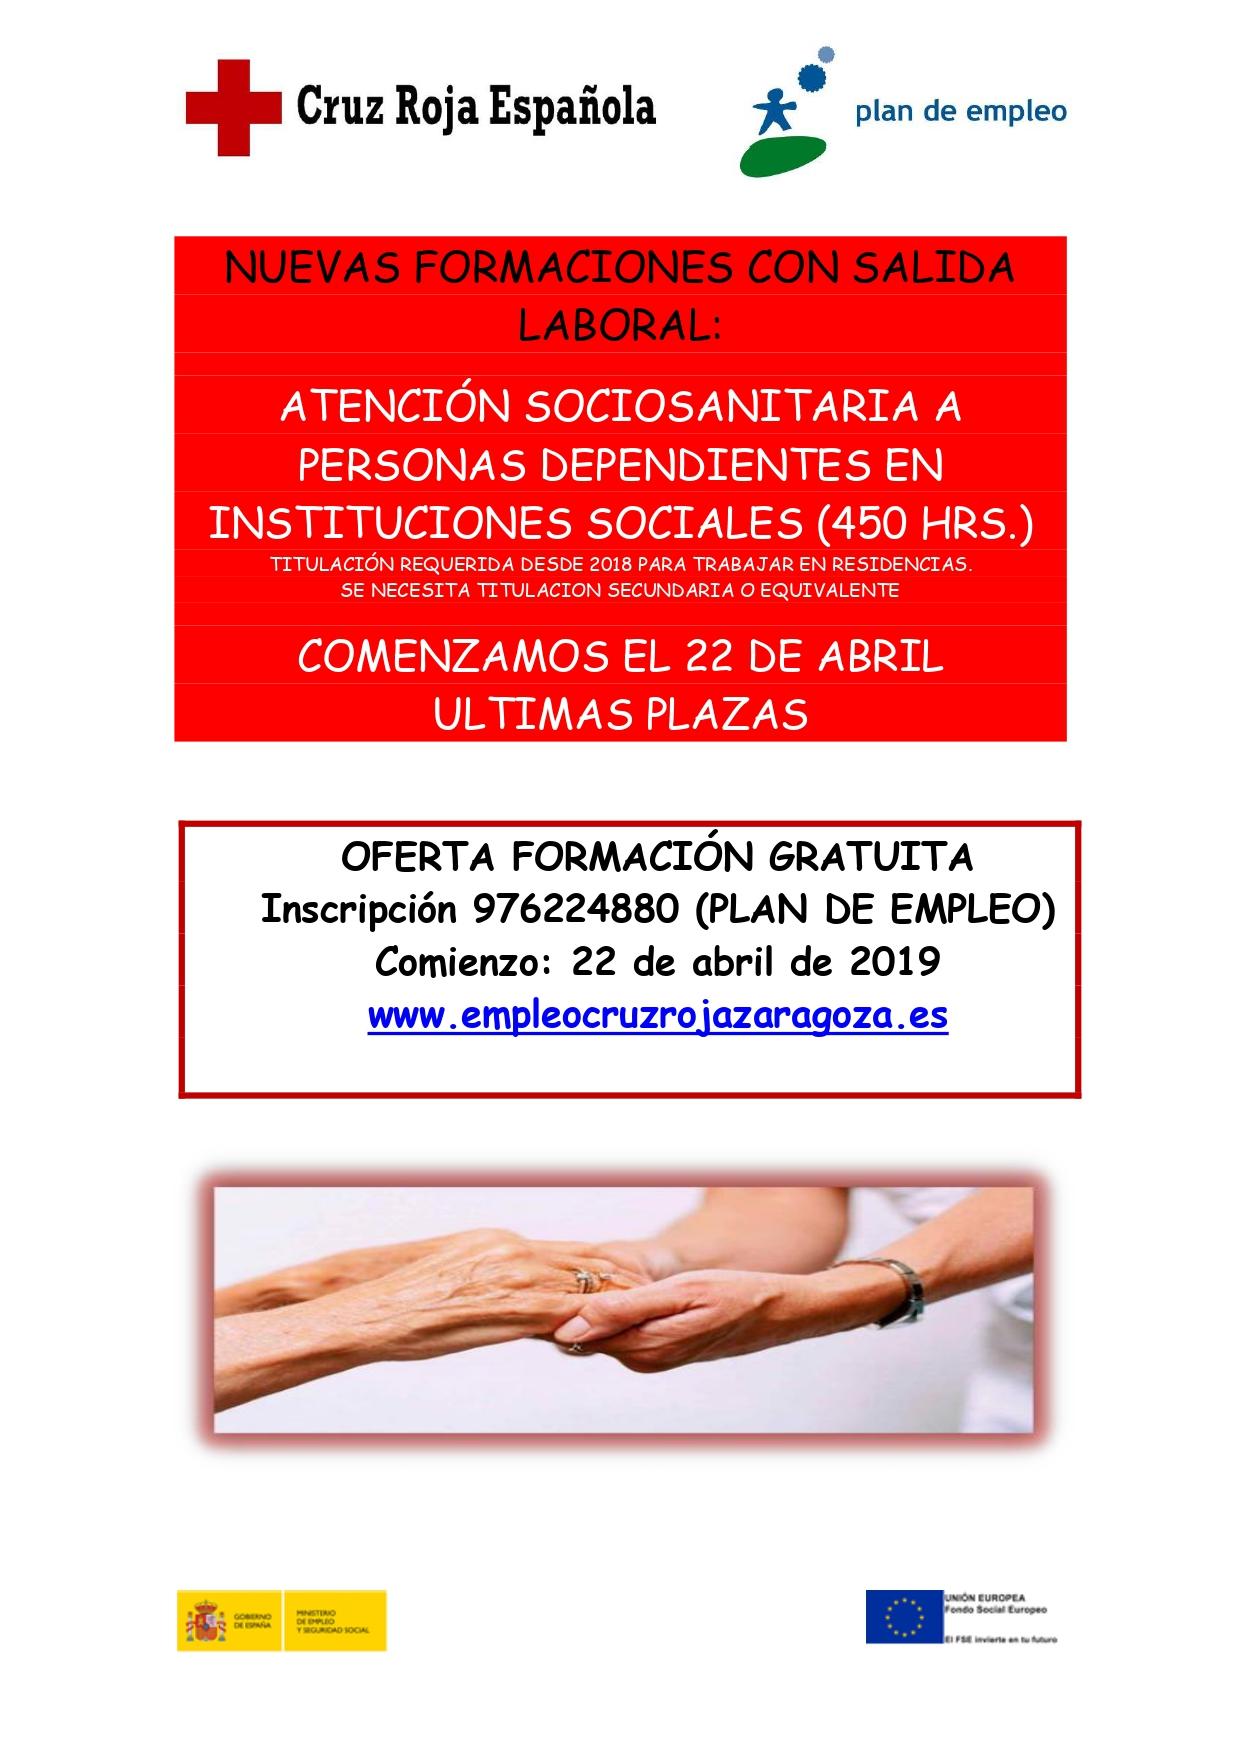 Últimas plazas para realizar el Certificado de atención sociosanitaria a personas dependientes en instituciones.